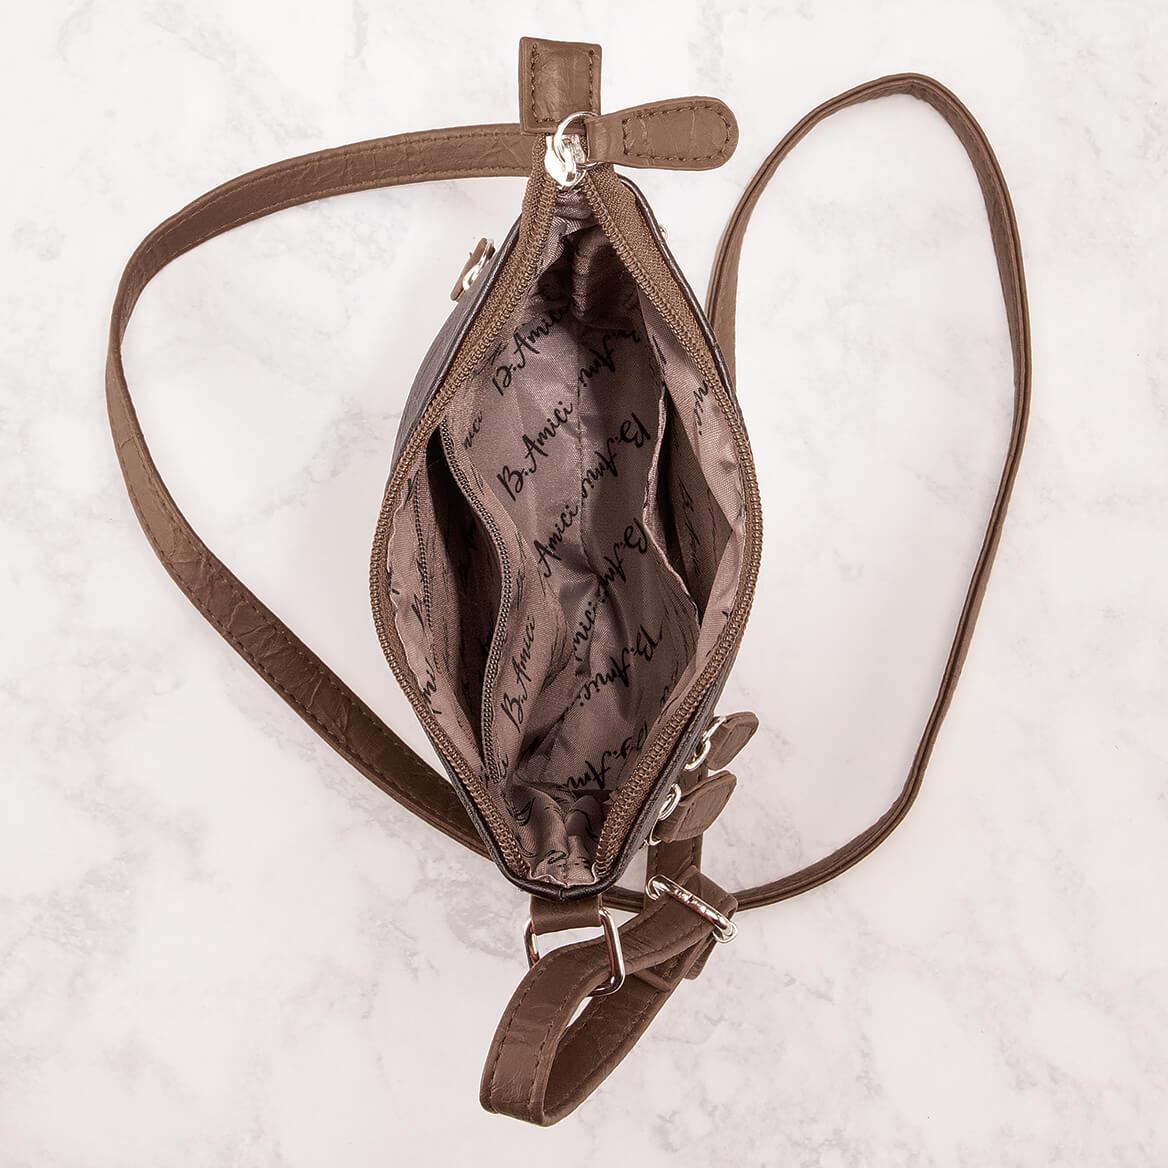 B.Amici™ Bianca RFID Leather Crossbody Bag-367445